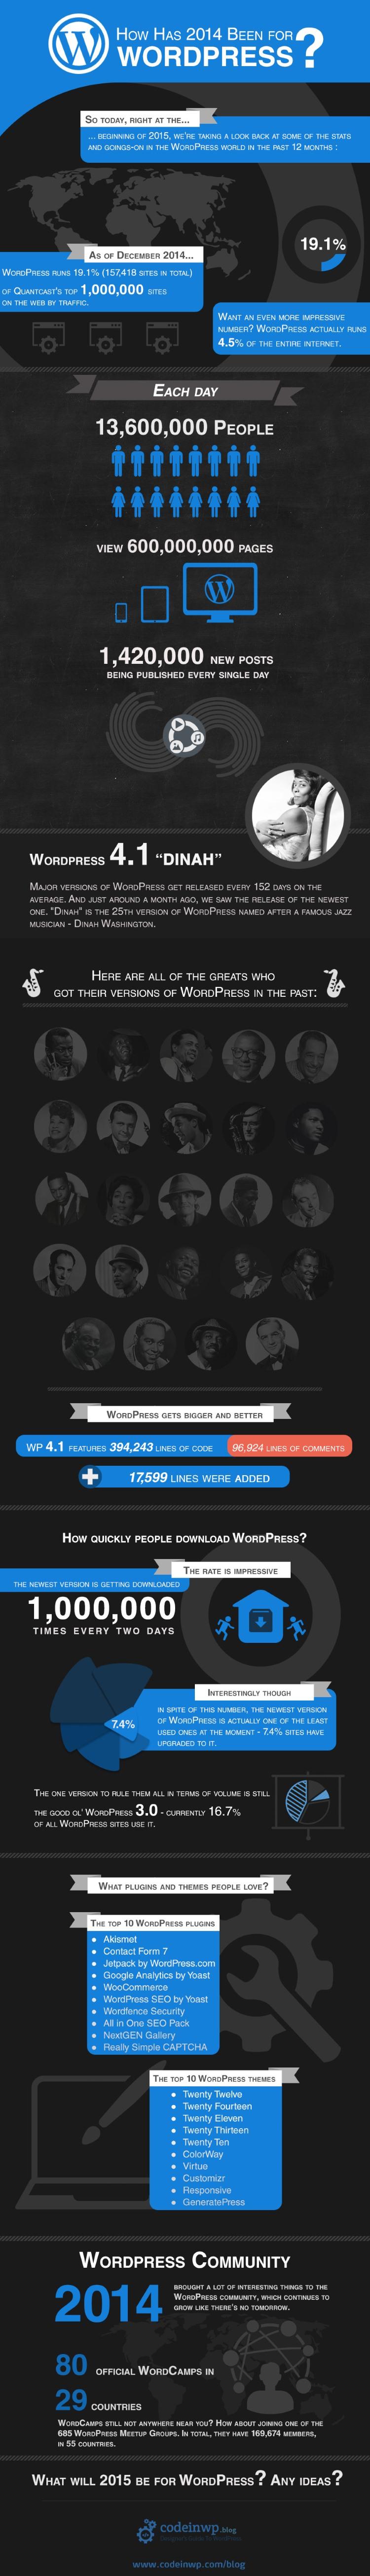 wordpress stats 2014